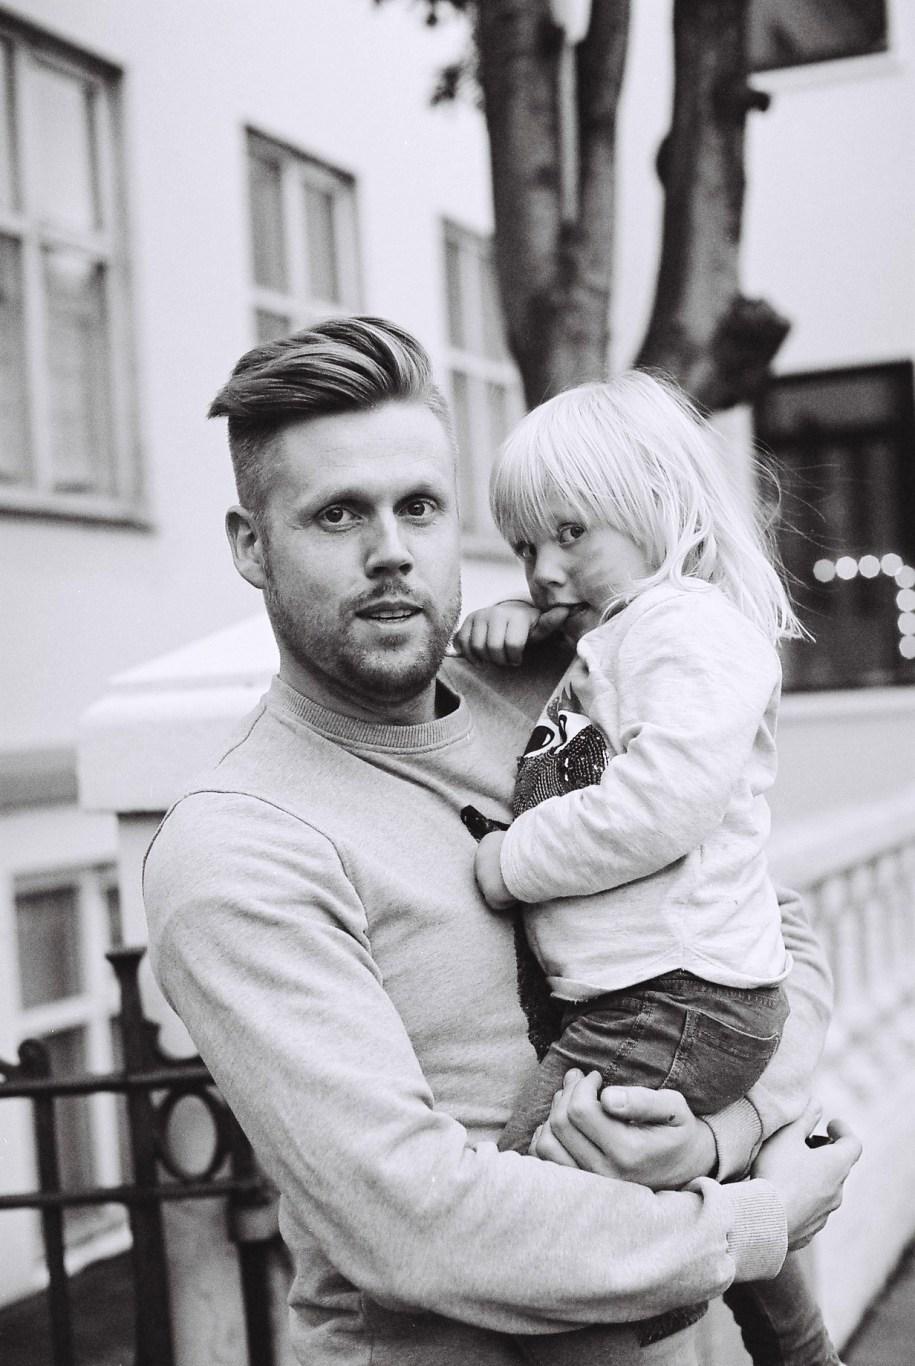 Vater mit Kind in der Skólavörðustígur, Reykjavik